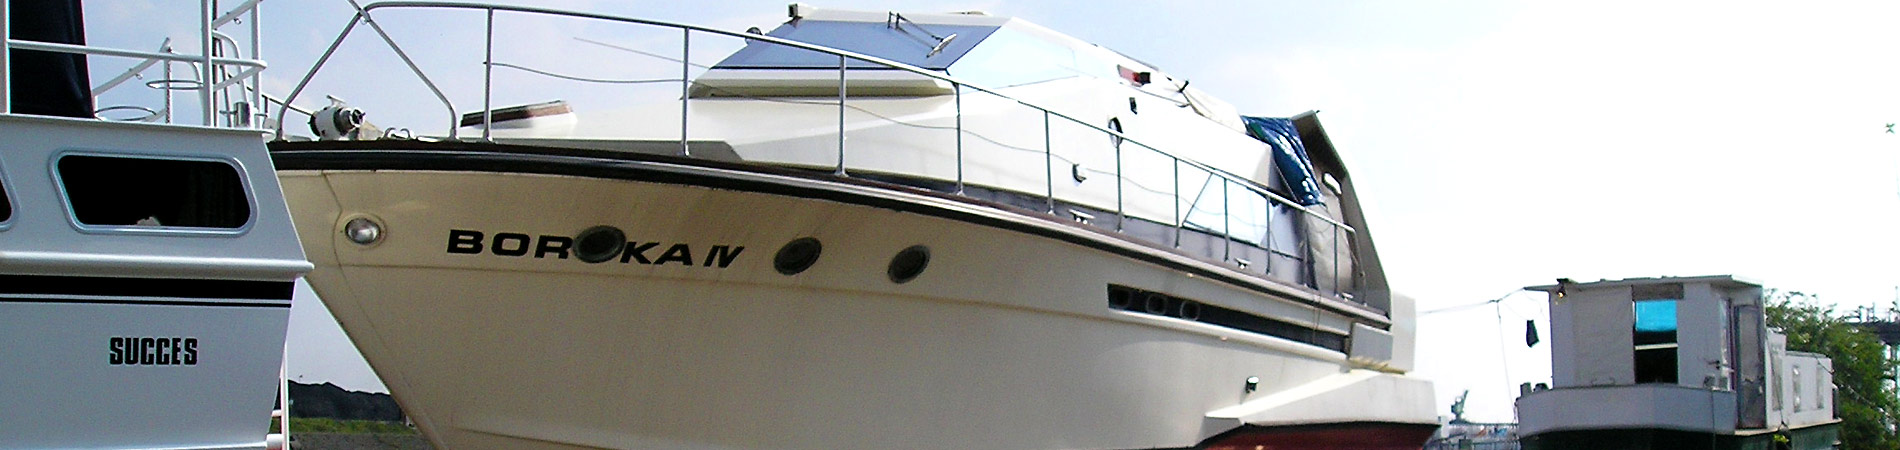 Yachtservice Meidericher Schiffswerft MSW Duisburg - Kontakt